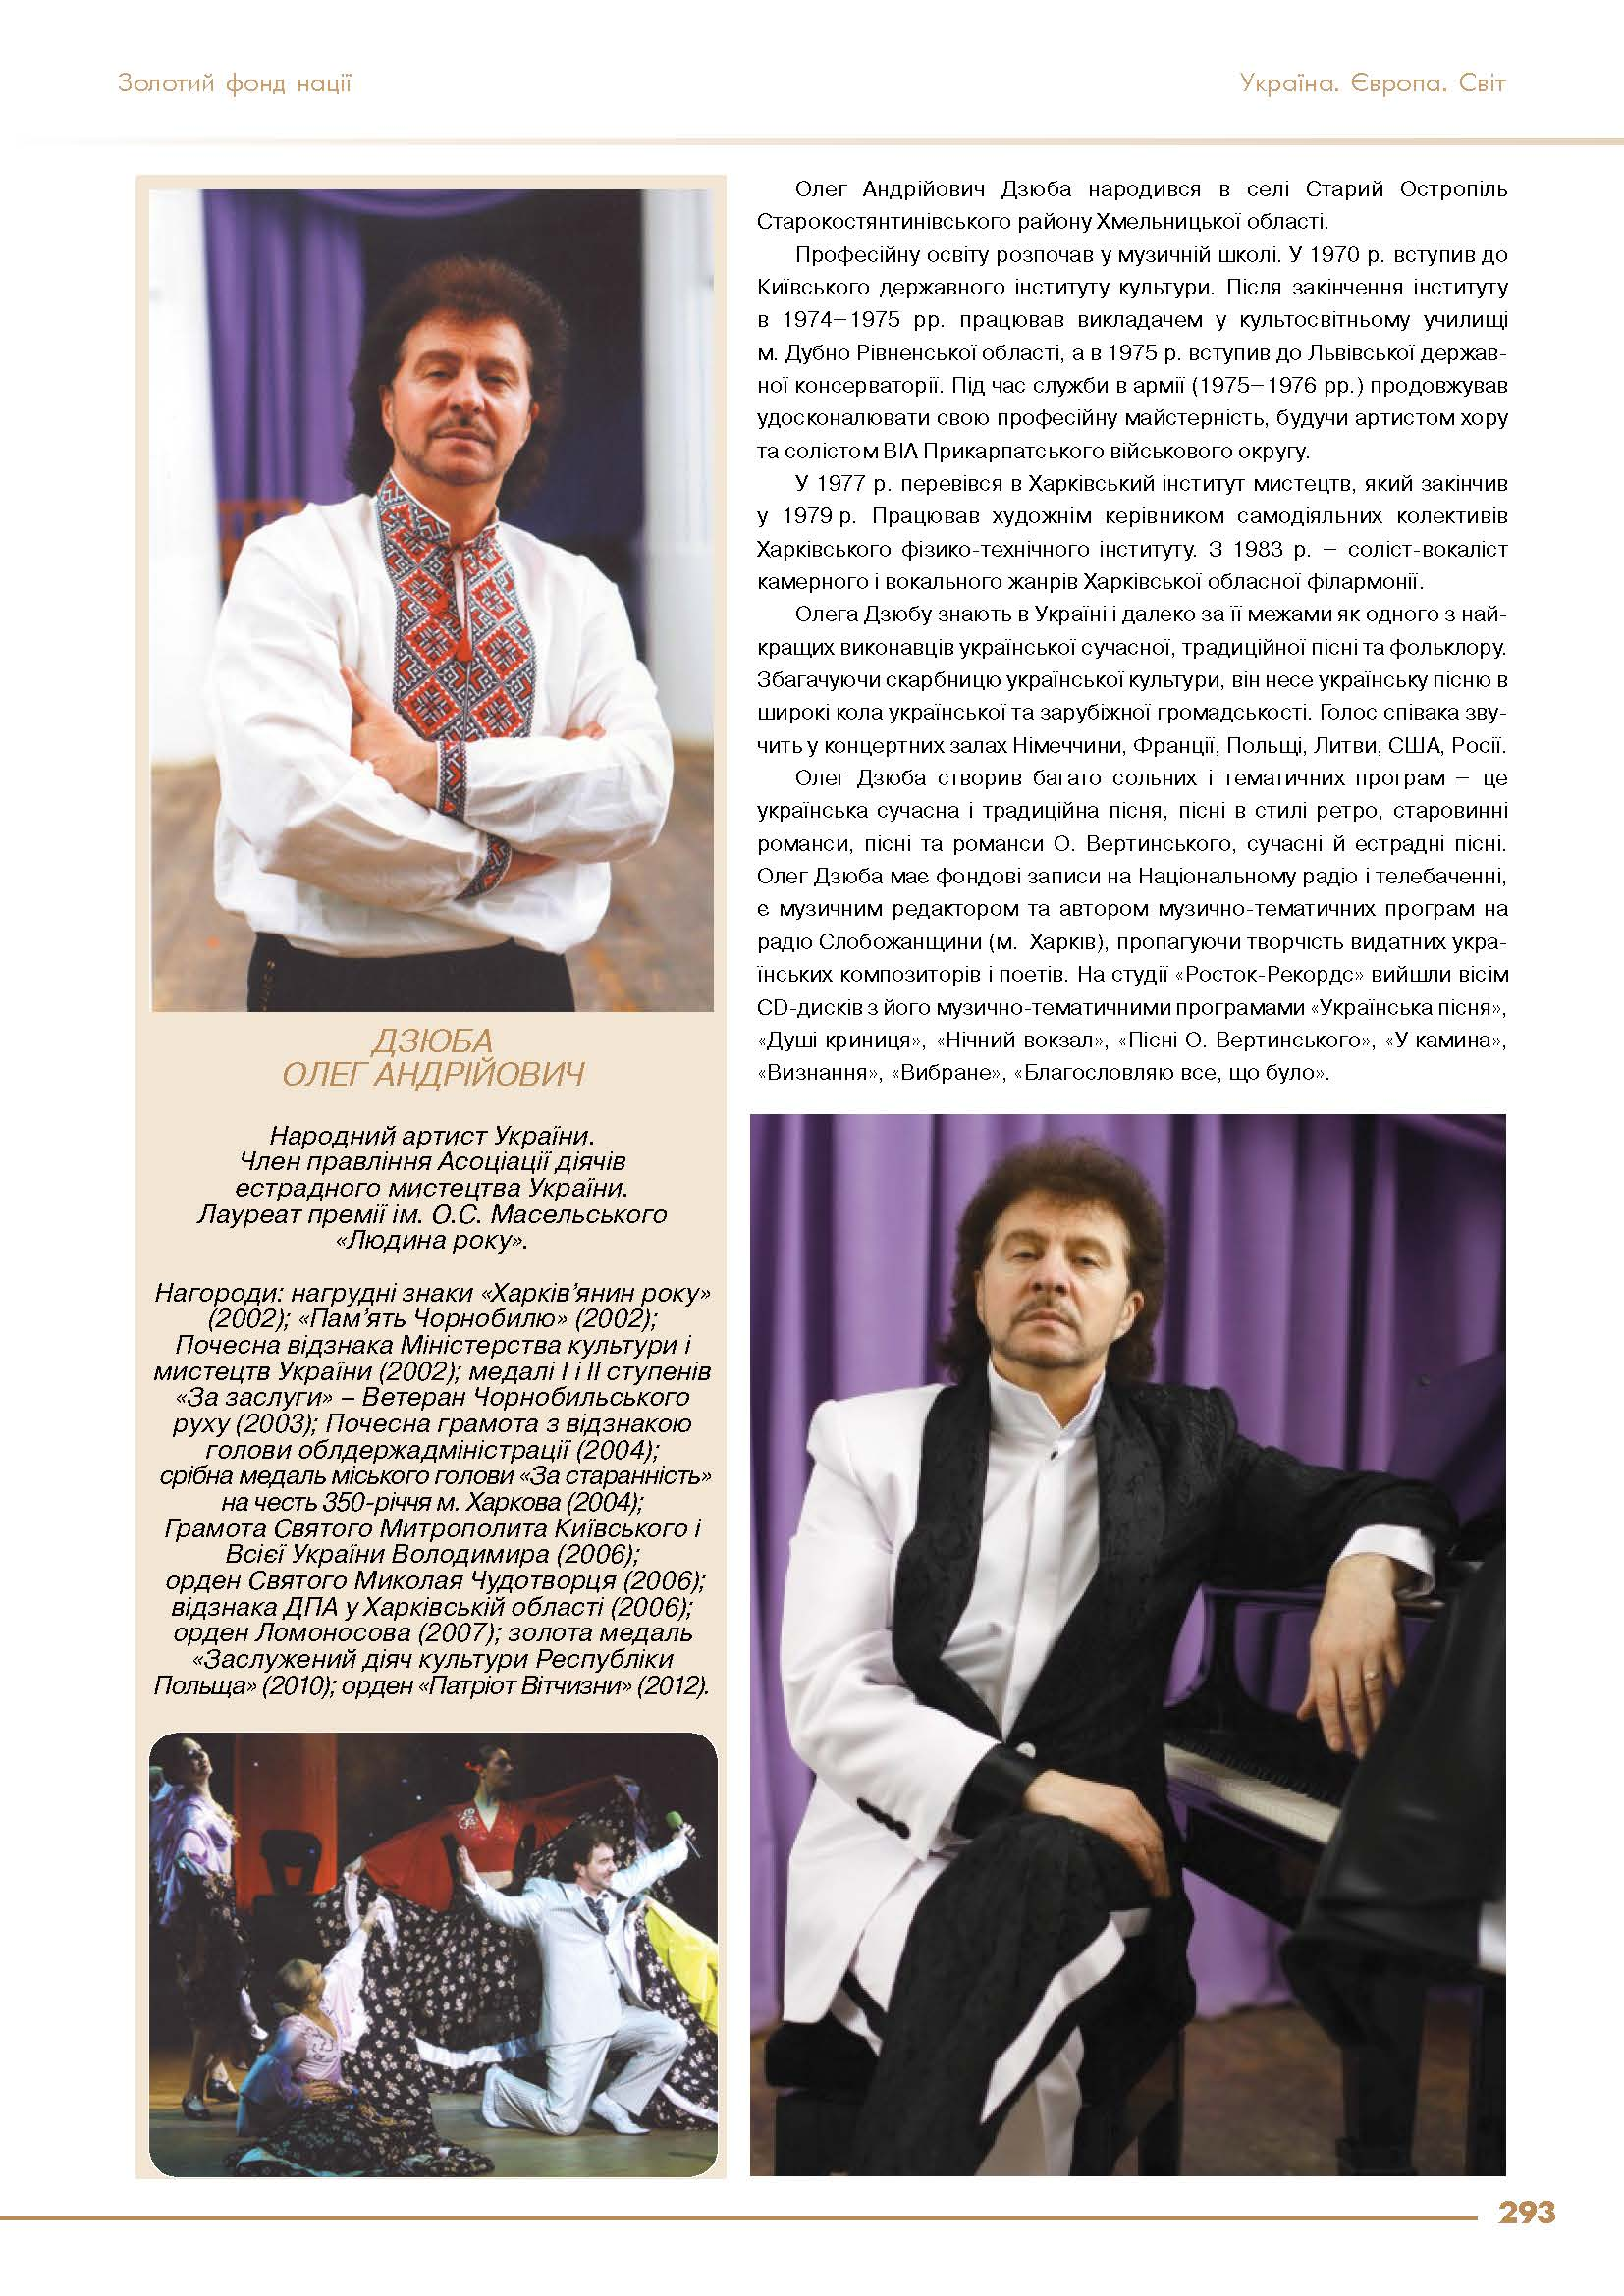 Дзюба Олег Андрійович